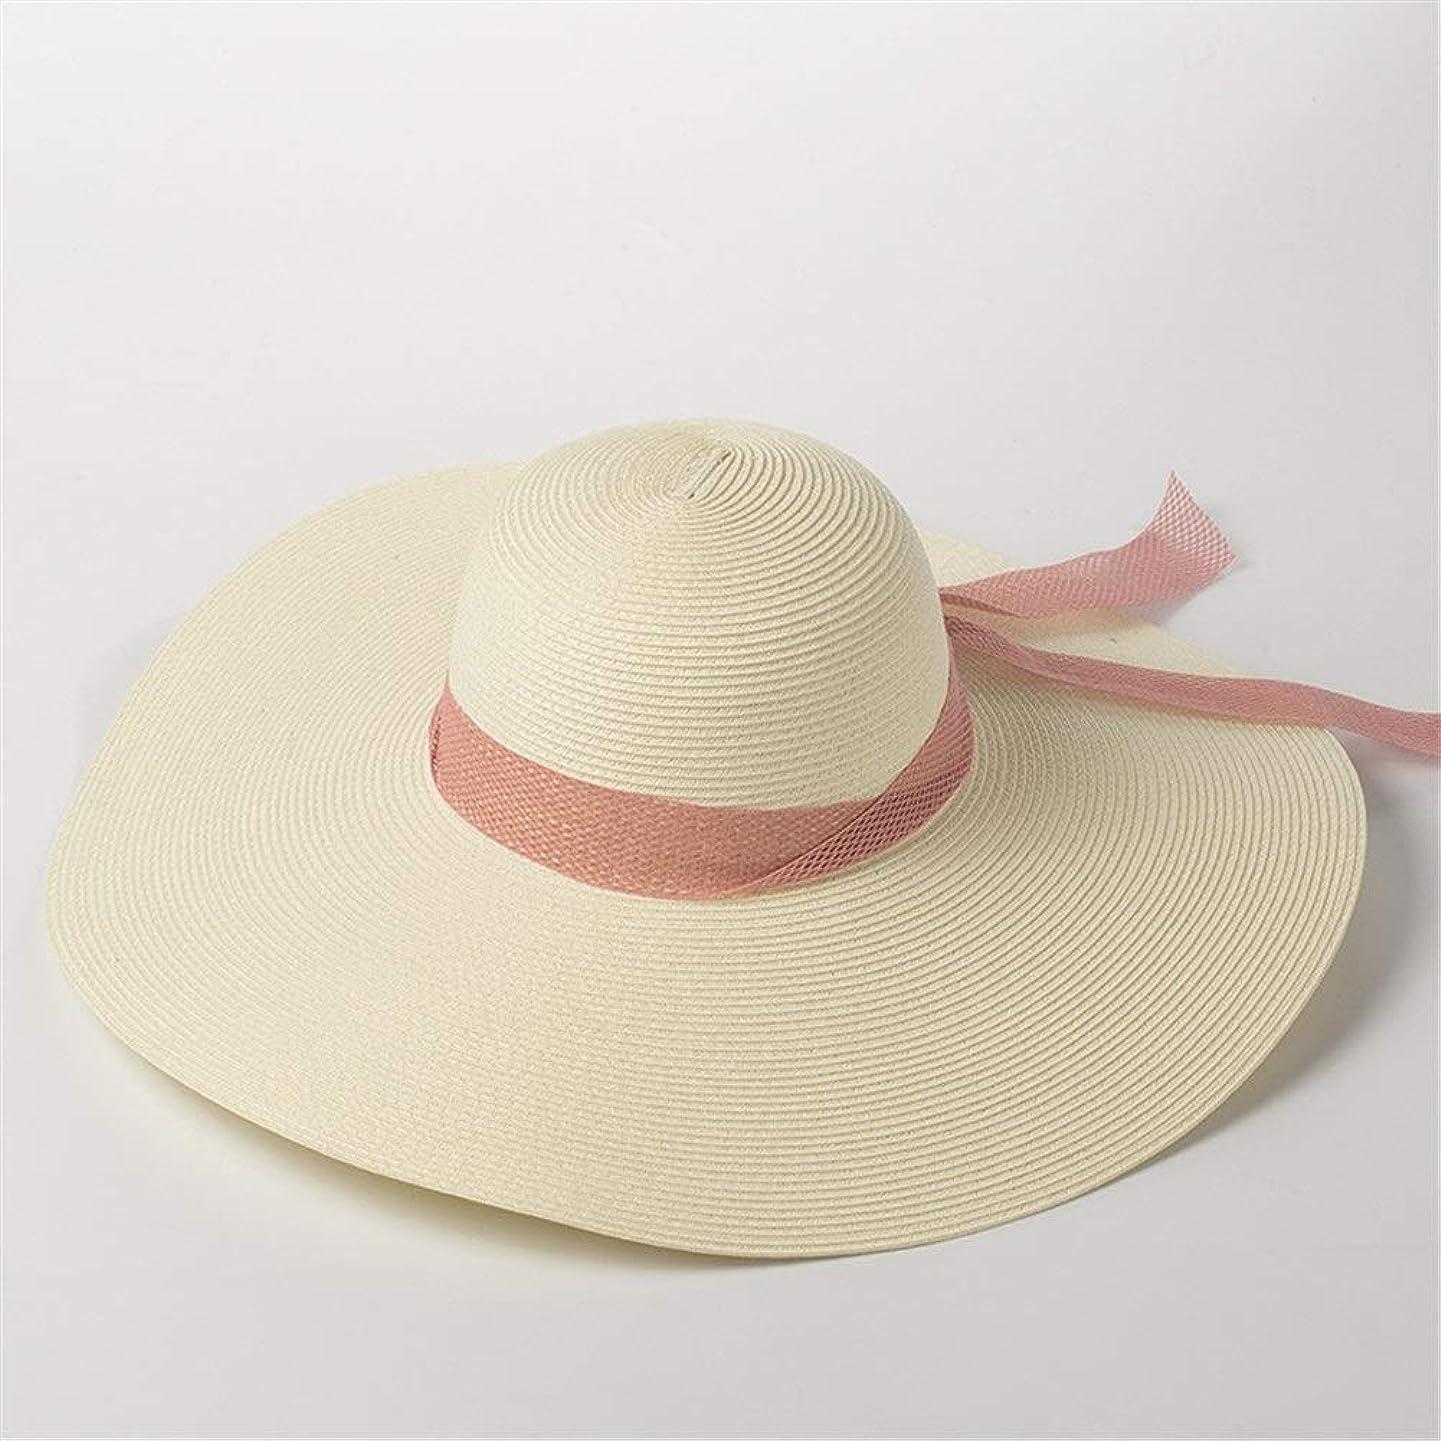 是正する振動させる取得するファッションメッシュ弓ビッグ麦わら帽子女性屋外旅行日焼け止め日焼け止めビッグビーチ麦わら帽子